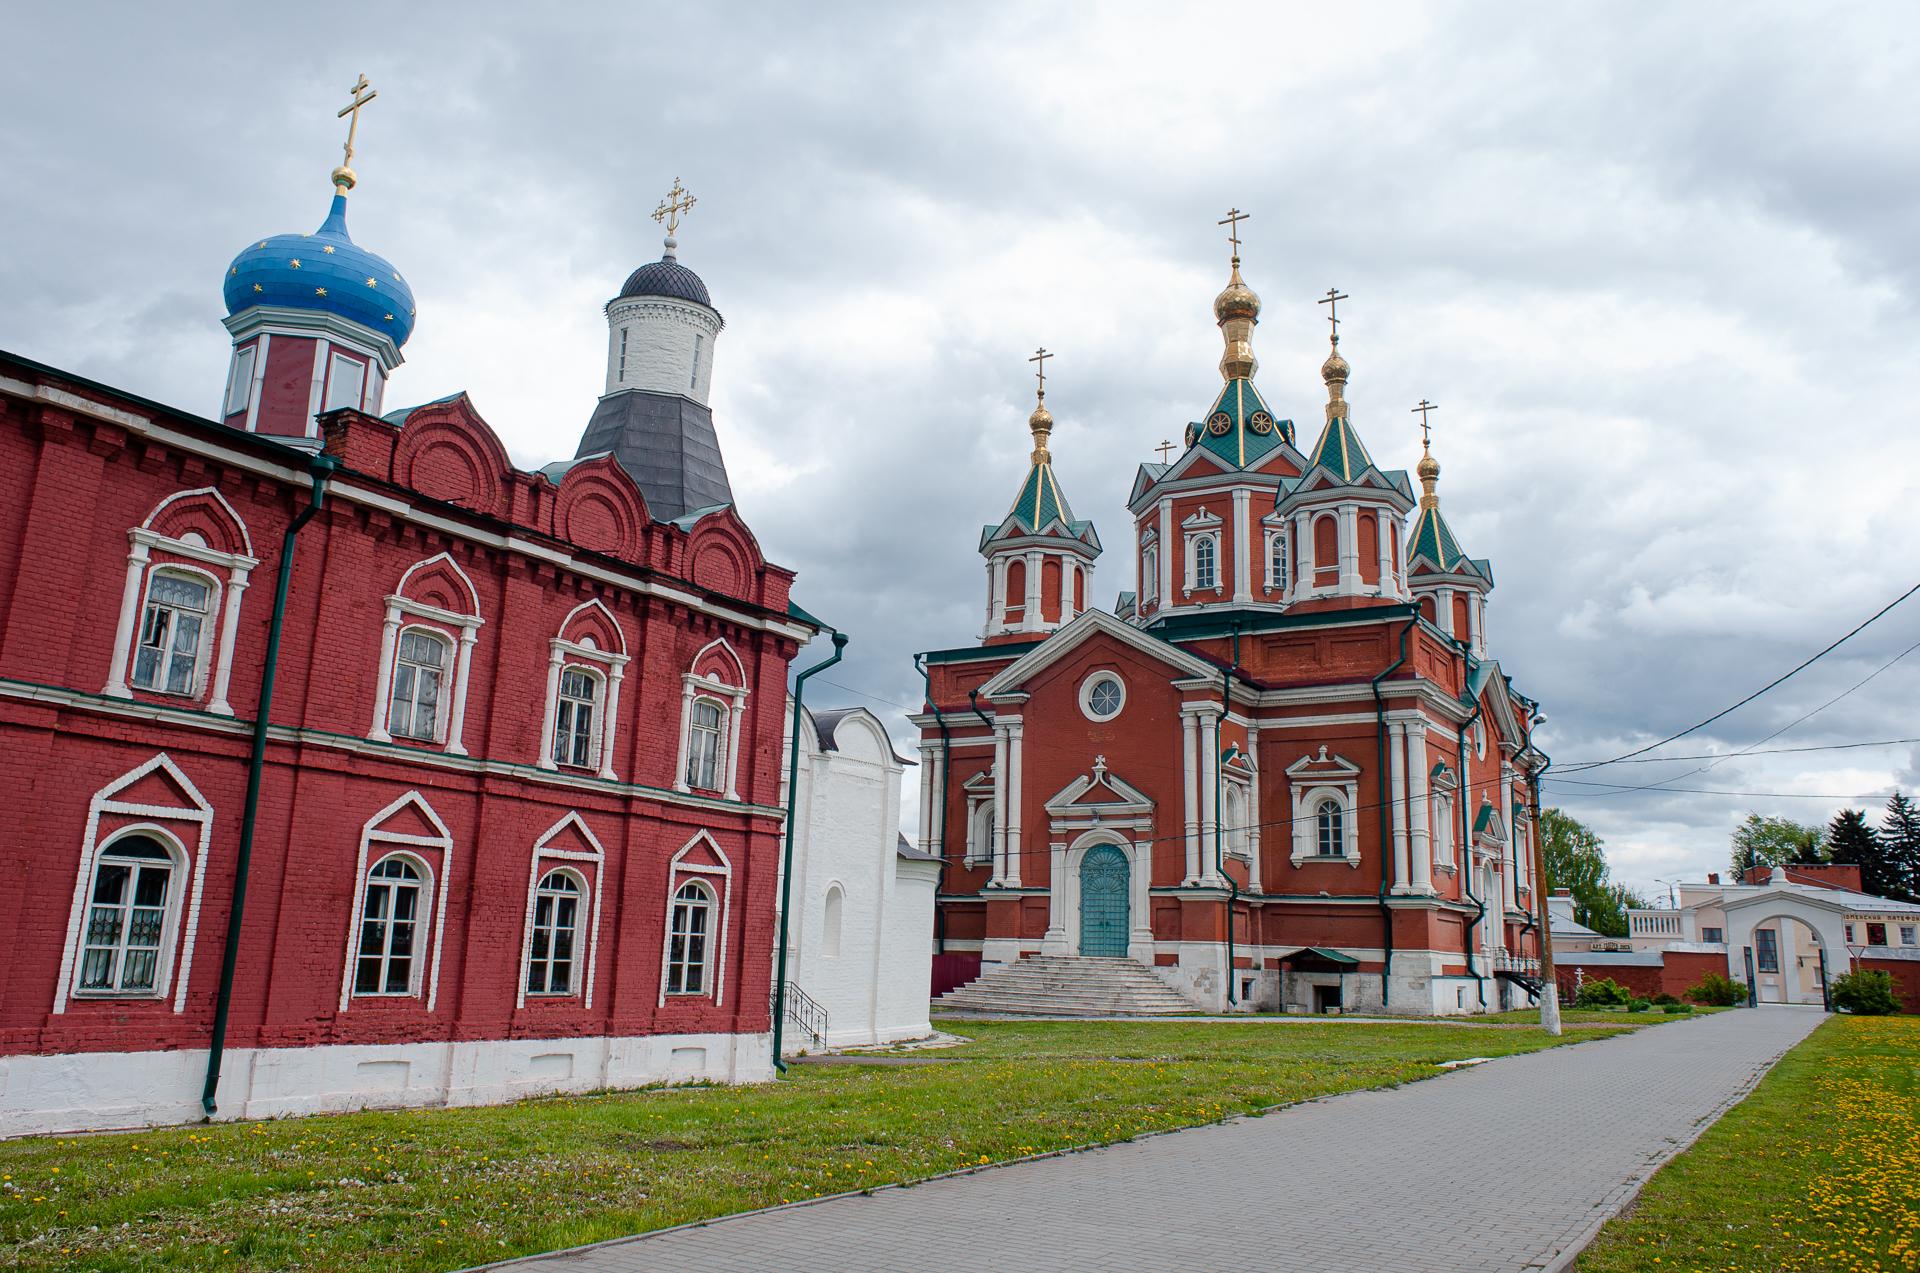 Коломна, Коломенский Кремль, Успенский Брусенский монастырь